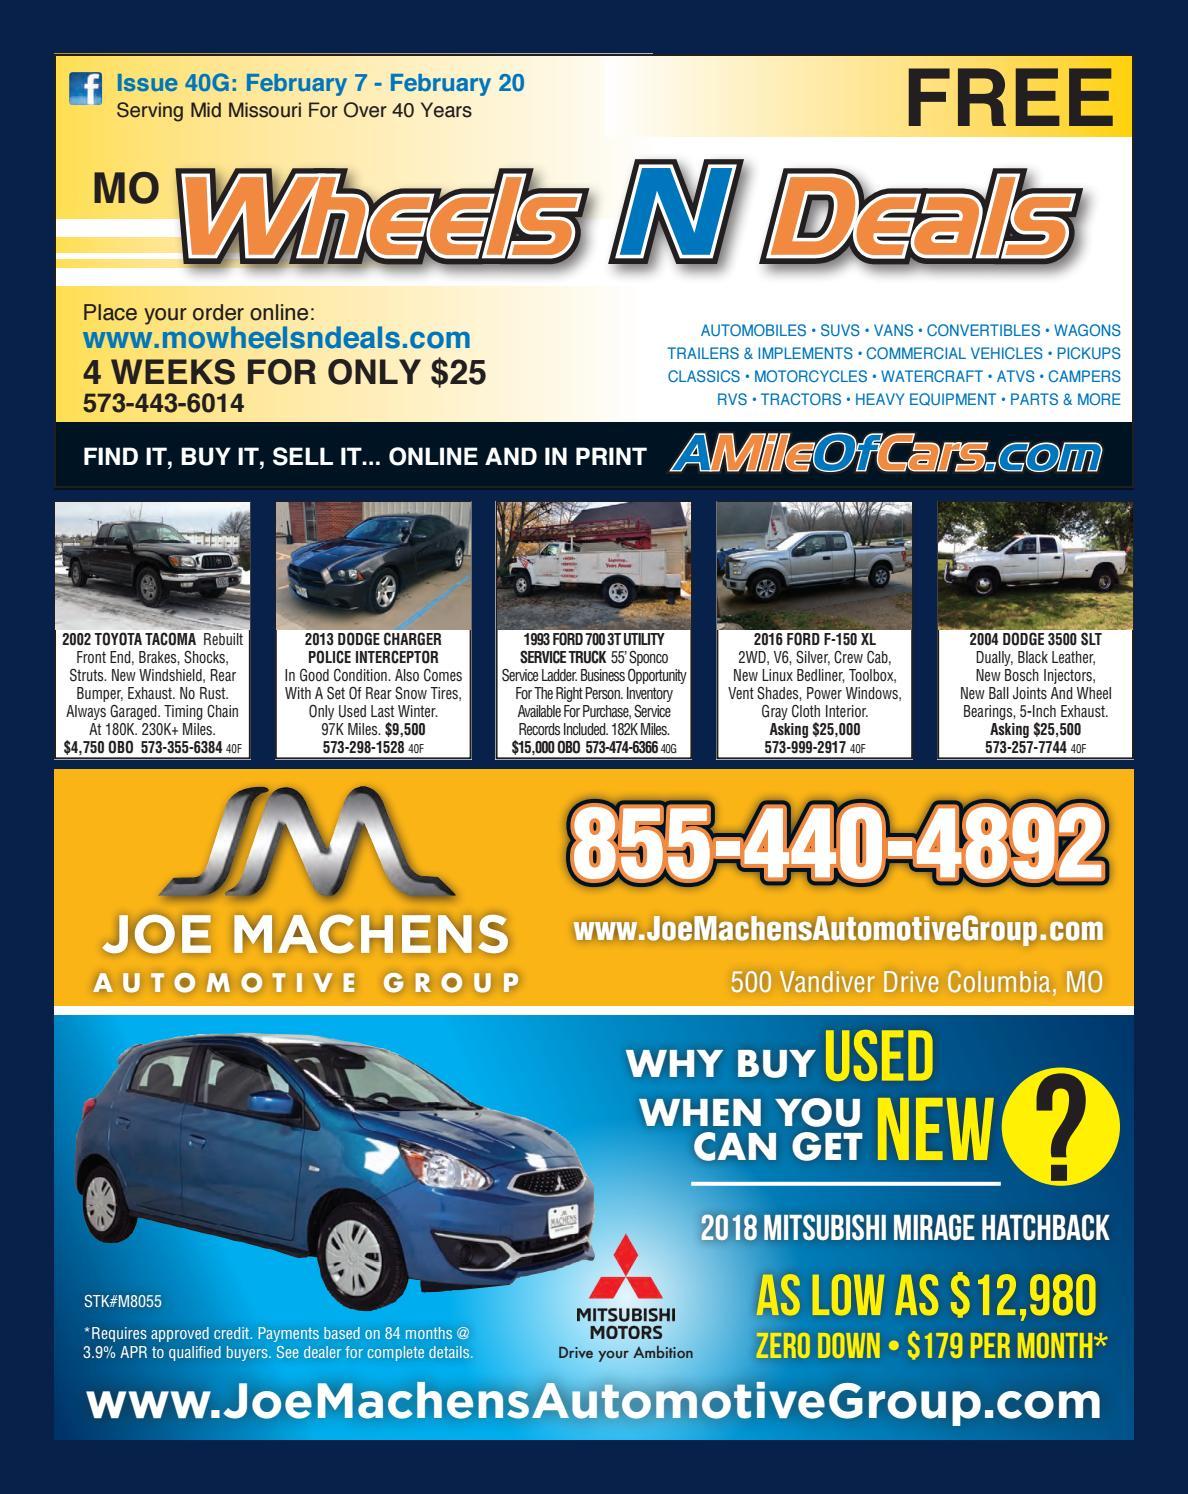 Wheels N Deals, Issue 40G by Maximum Media, Inc  - issuu